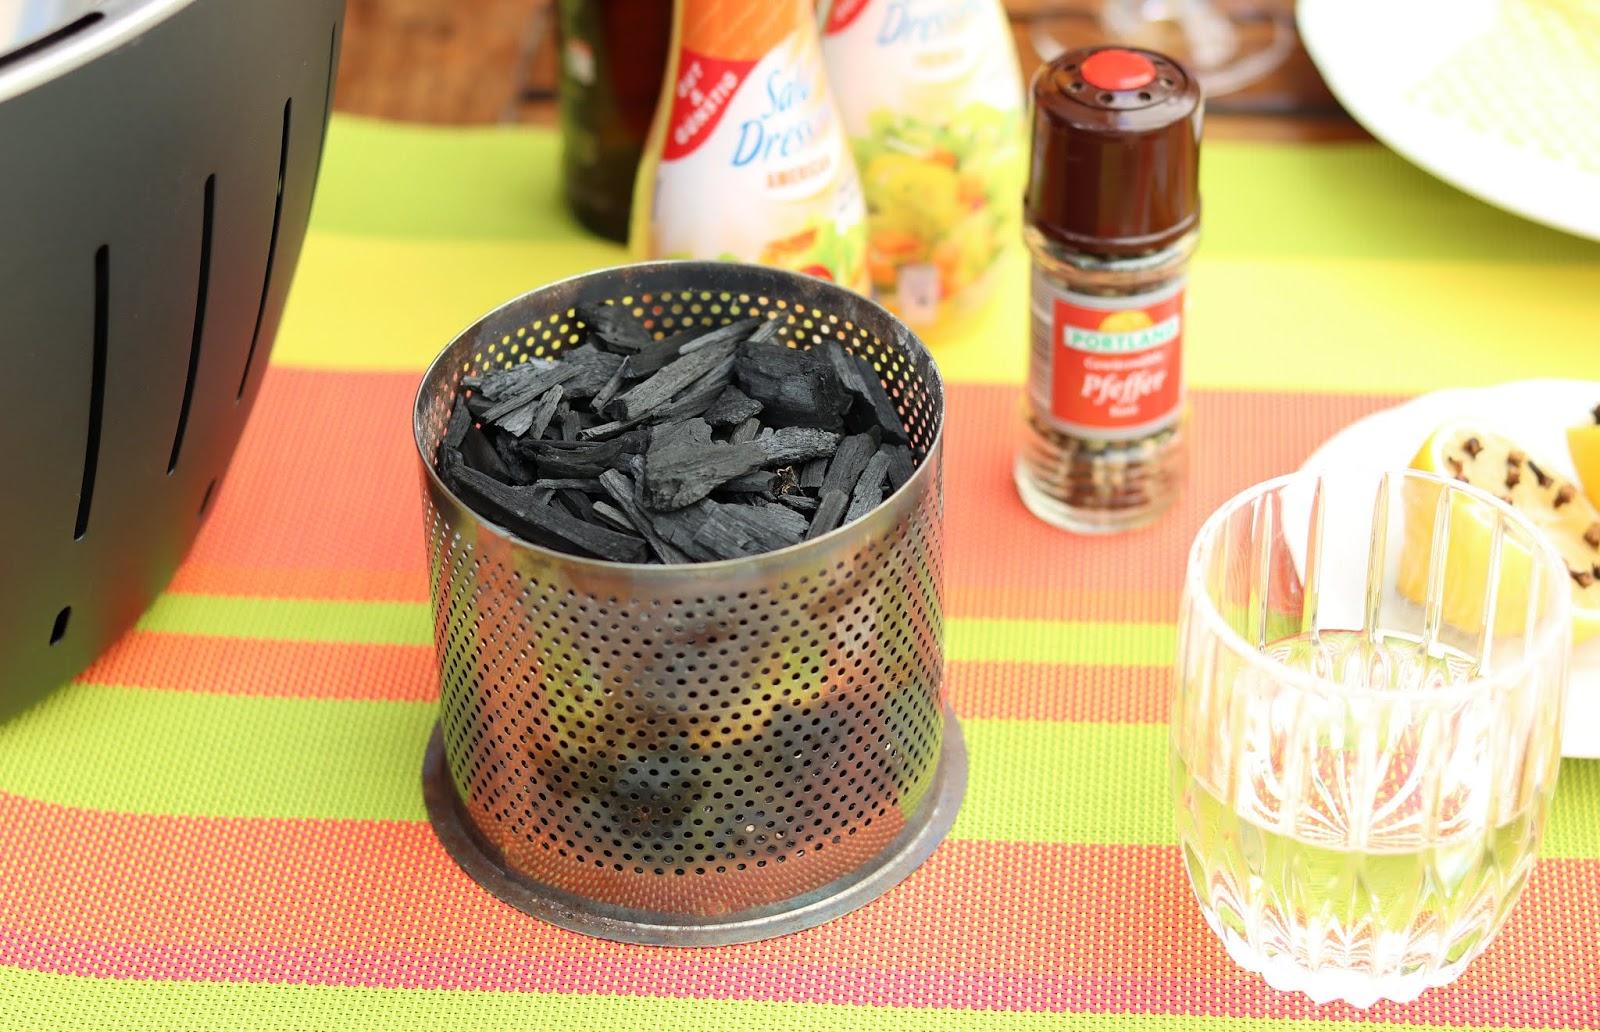 abnehmen, erfahrung, ernährungsumstellung, grill für balkon, kalorien sparen beim grillen, kochexperte.com, lecker durch den sommer, lotus grill, rauchfrei grillen, rauchfreier Holzkohlegrill,